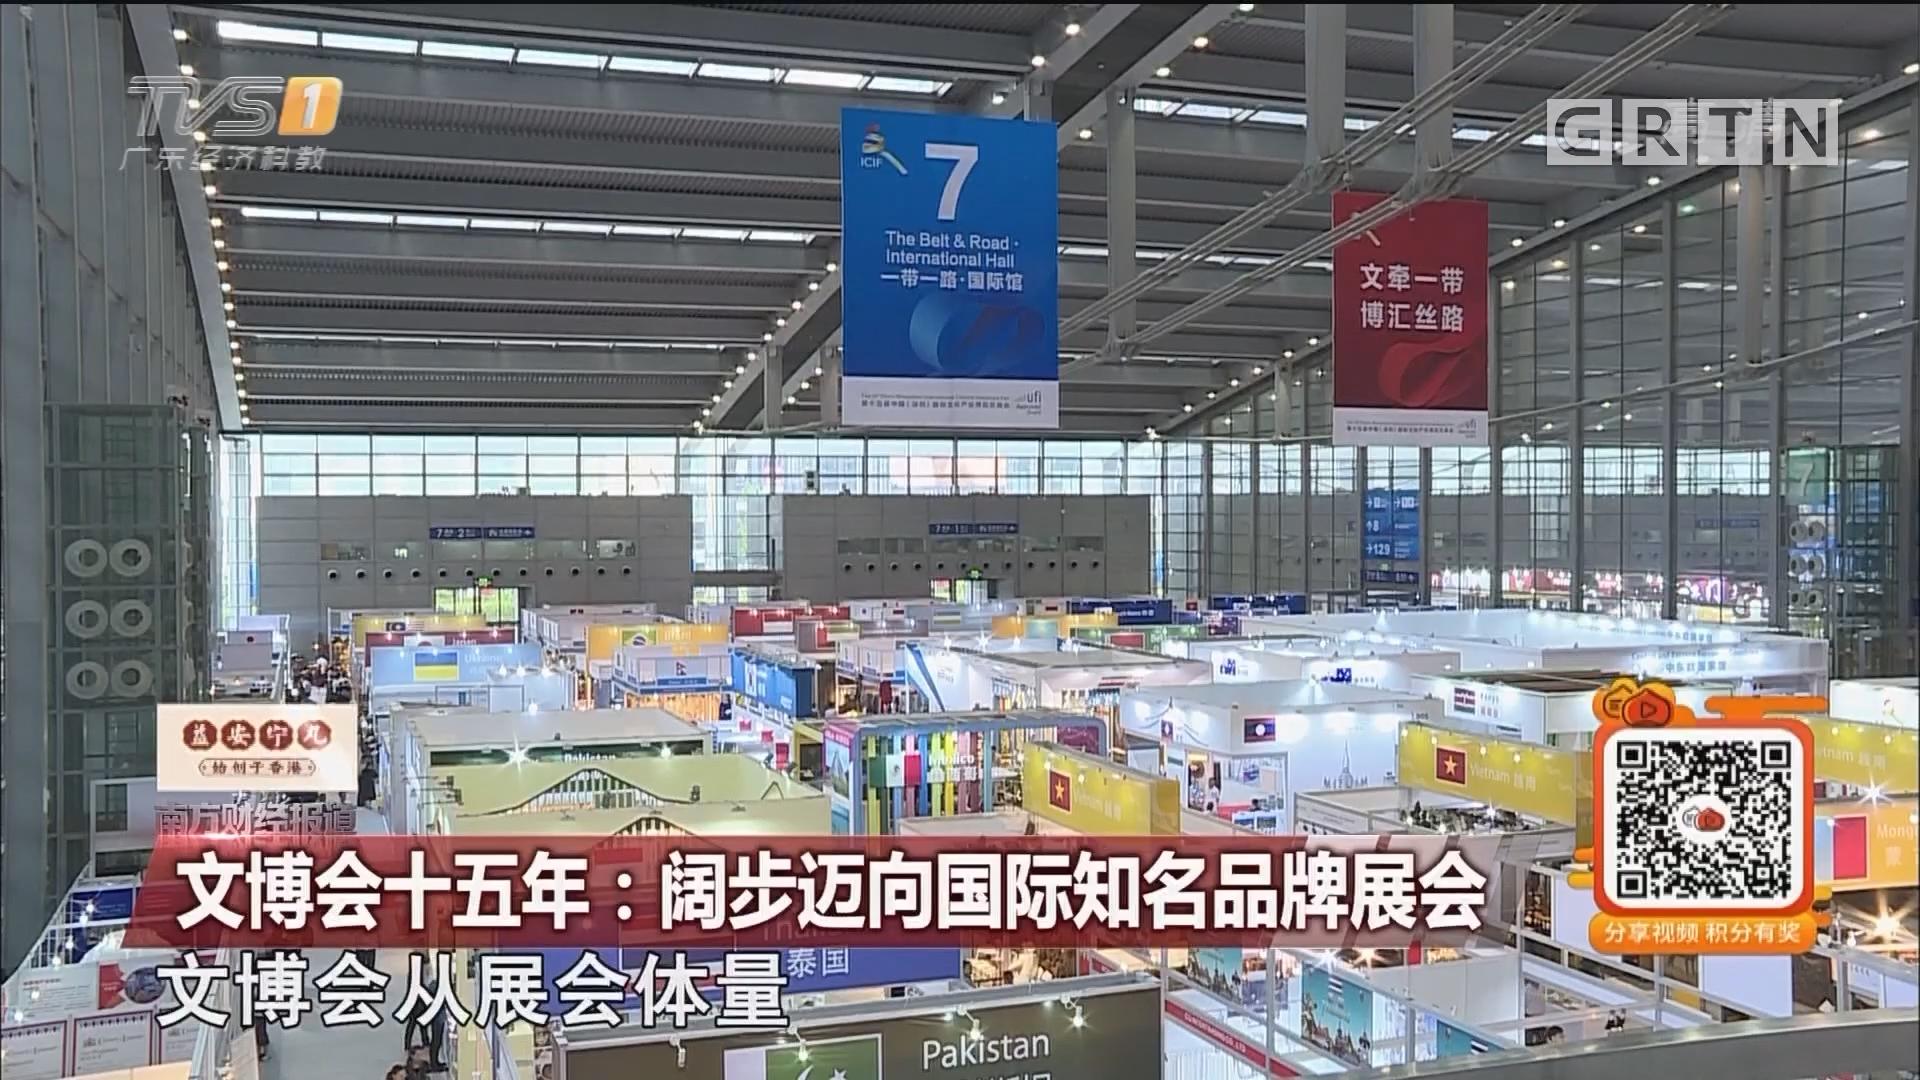 文博会十五年:阔步迈向国际知名品牌展会